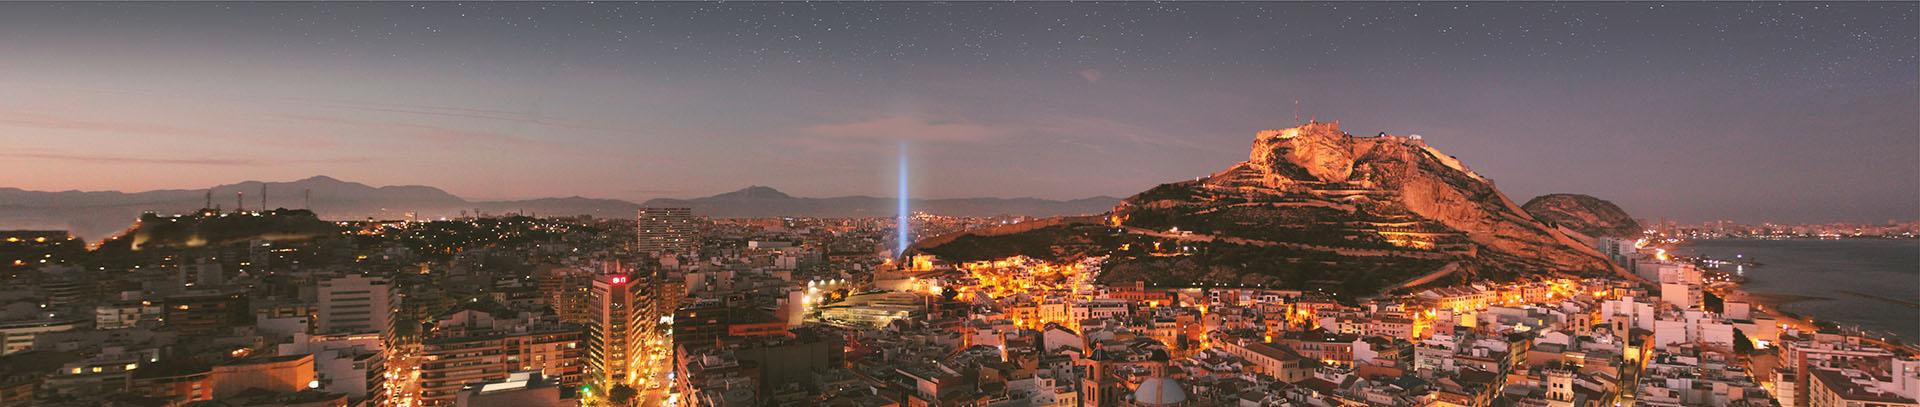 PLAYstudio_Cigarreras_Alicante_ 04 Panorámica